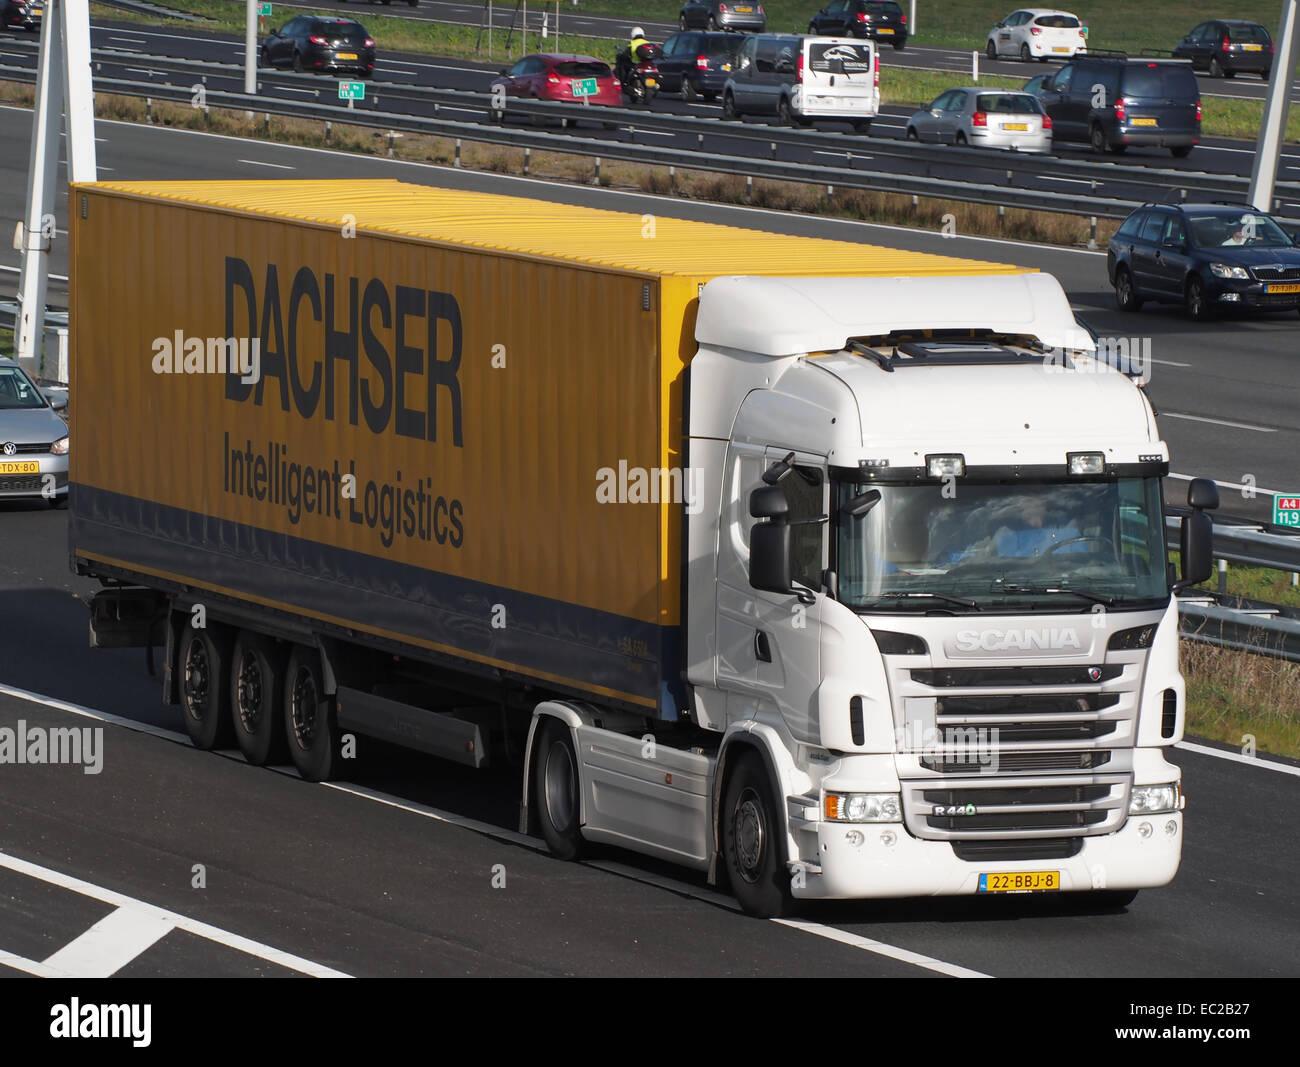 SCANIA R440, Dachser logistica intelligente Immagini Stock